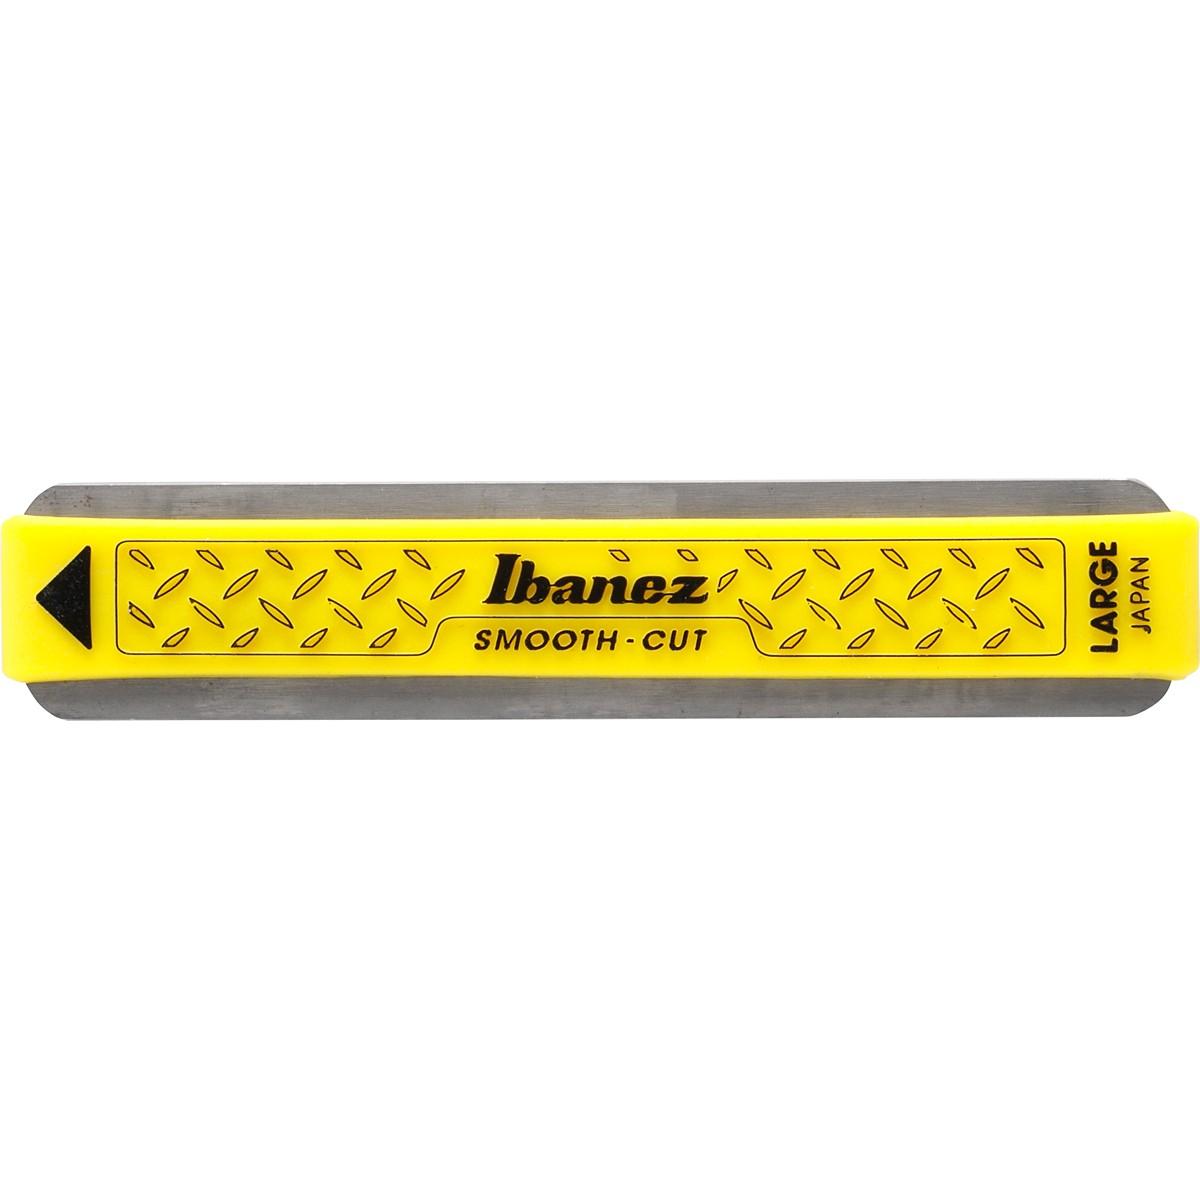 IBANEZ 4450LX FRET CROWN  FILE